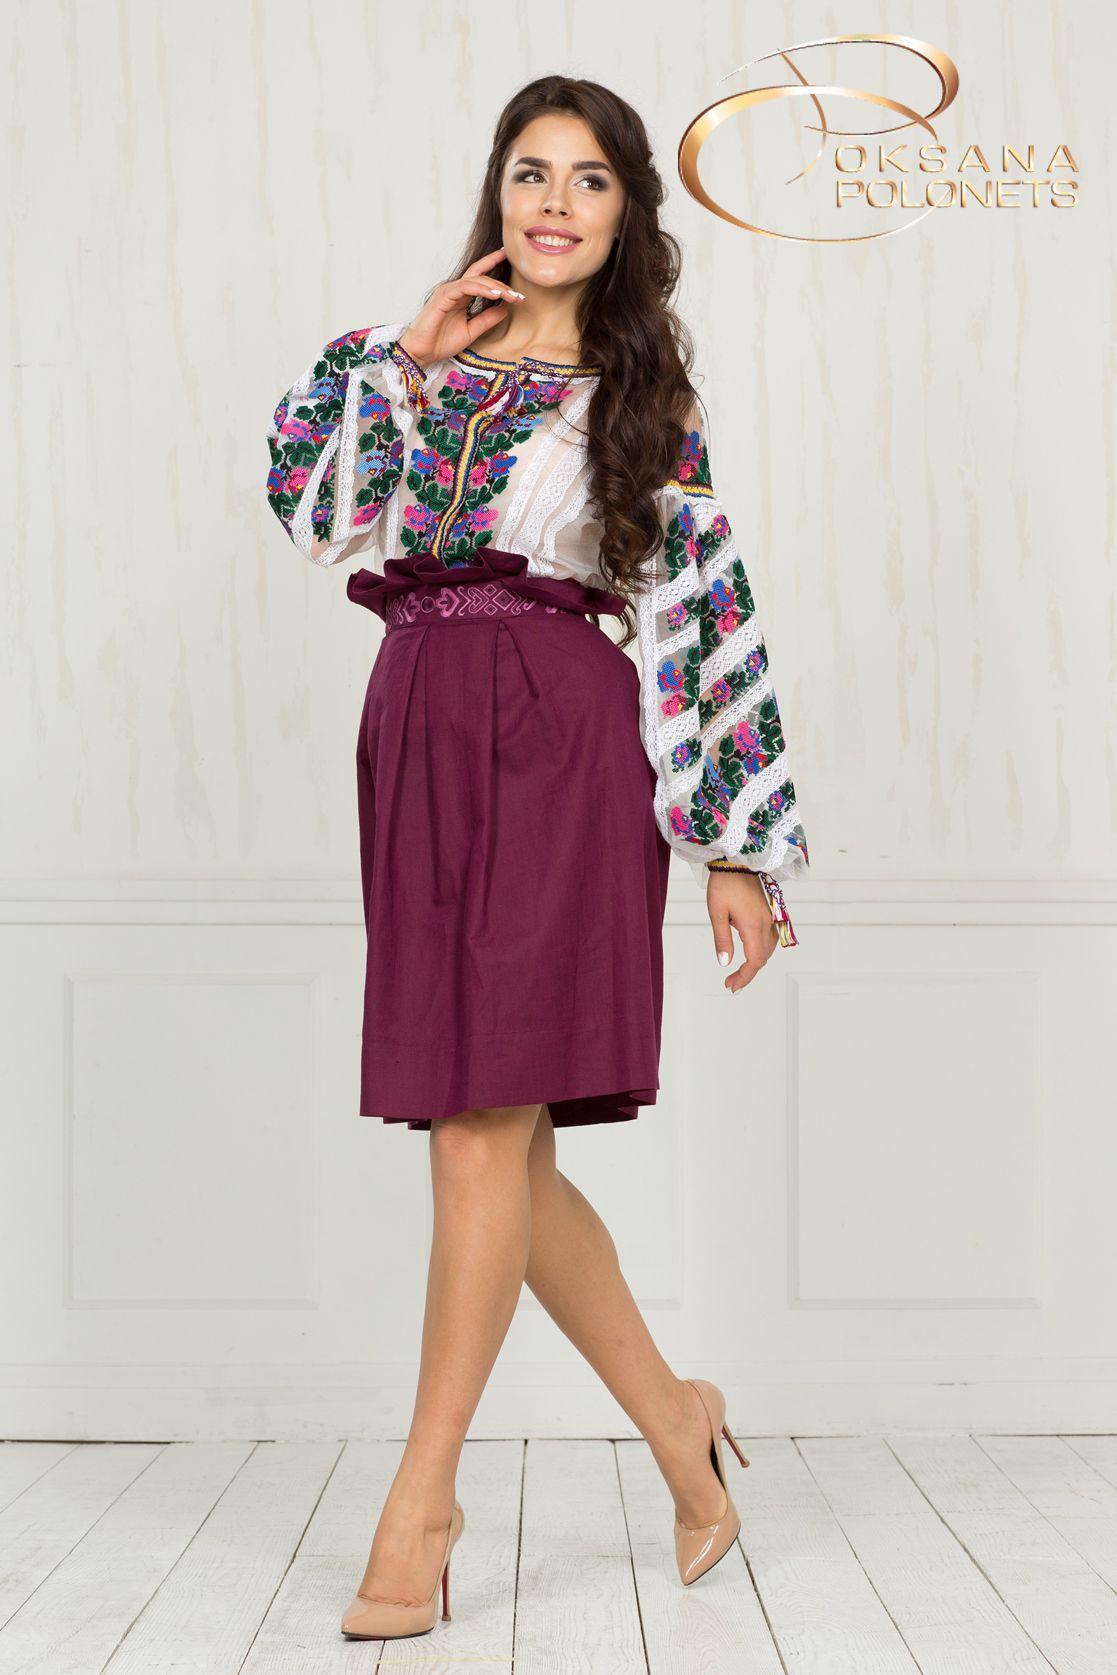 Чарівно! Заходьте до Дизайн-студії Оксани Полонець і виберіть свій одяг! affd406fb7f56